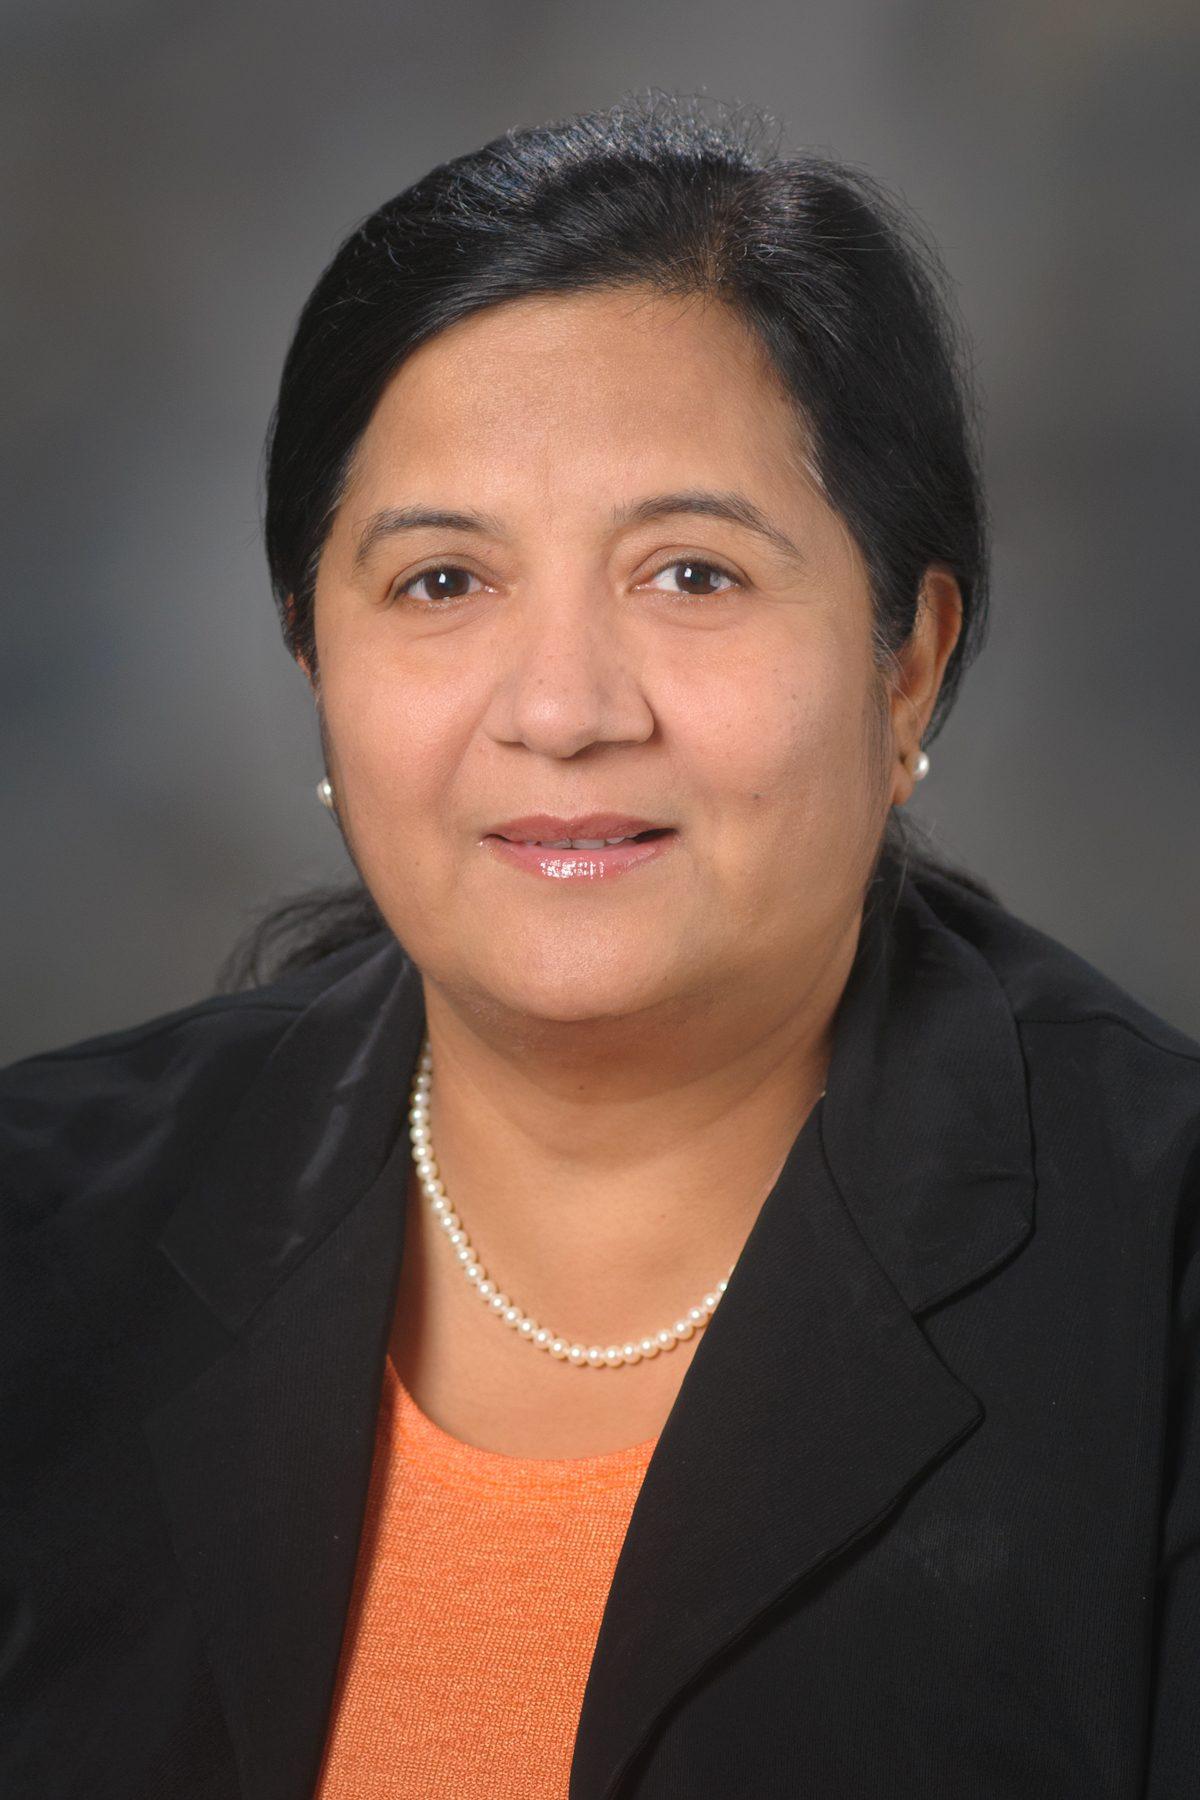 Asha S  Multani   MD Anderson Cancer Center